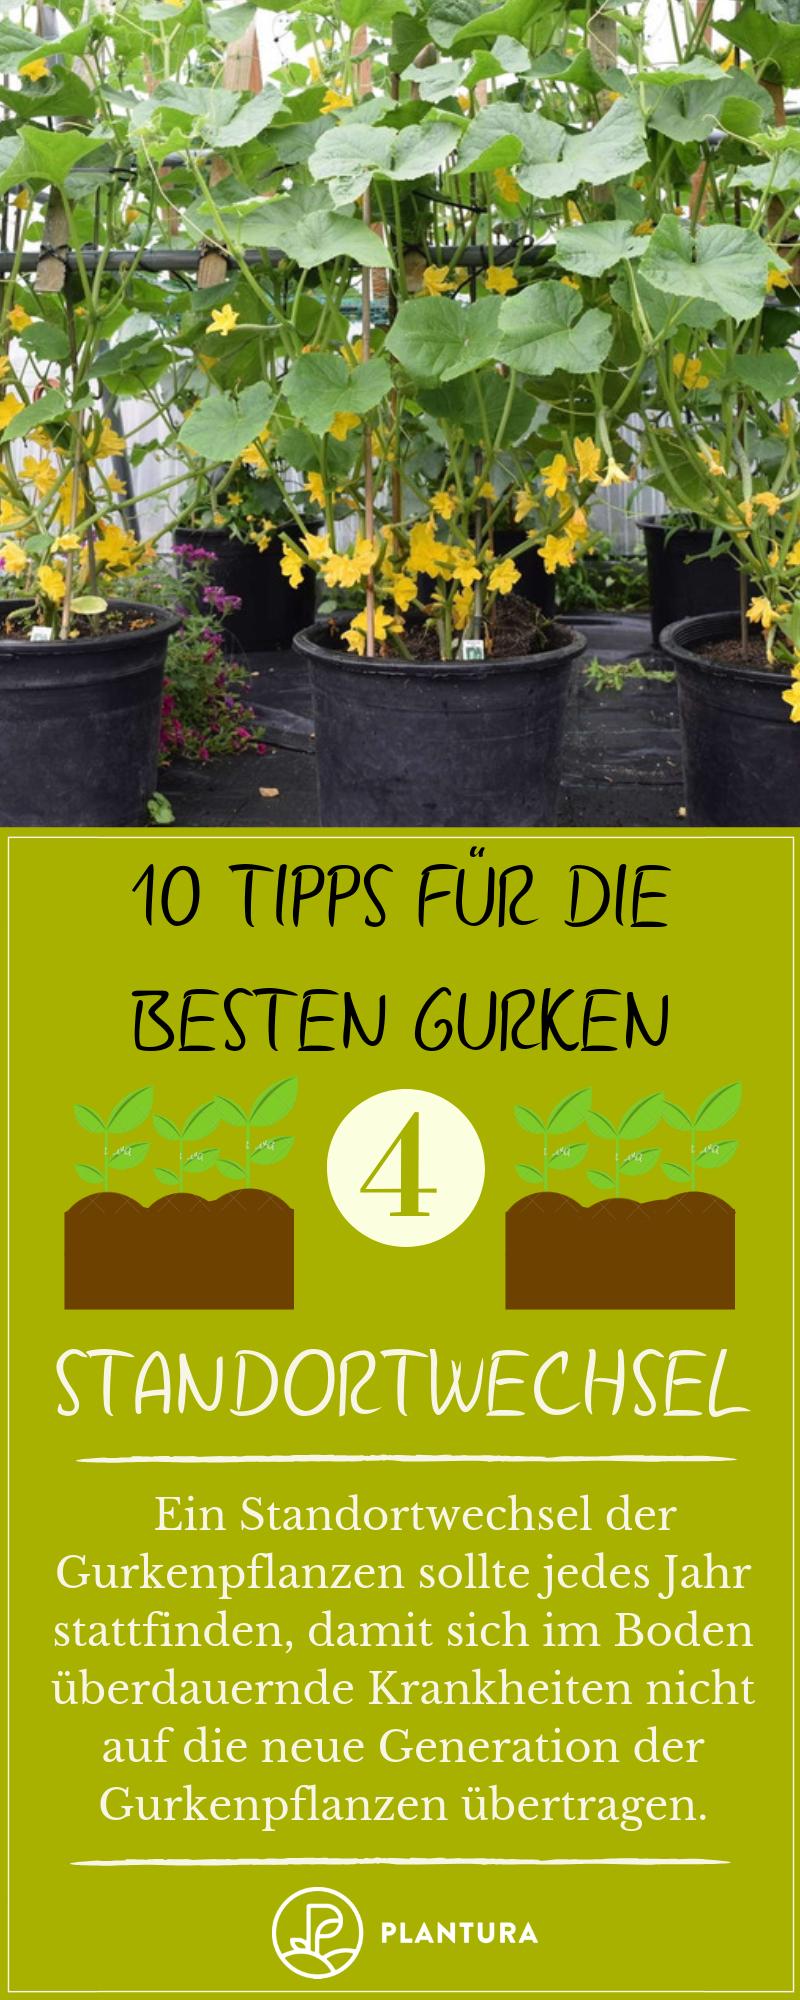 10 Tipps Fur Die Besten Gurken Aus Dem Eigenen Garten Plantura Gurkenpflanze Gemuseanbau In Kubeln Gurke